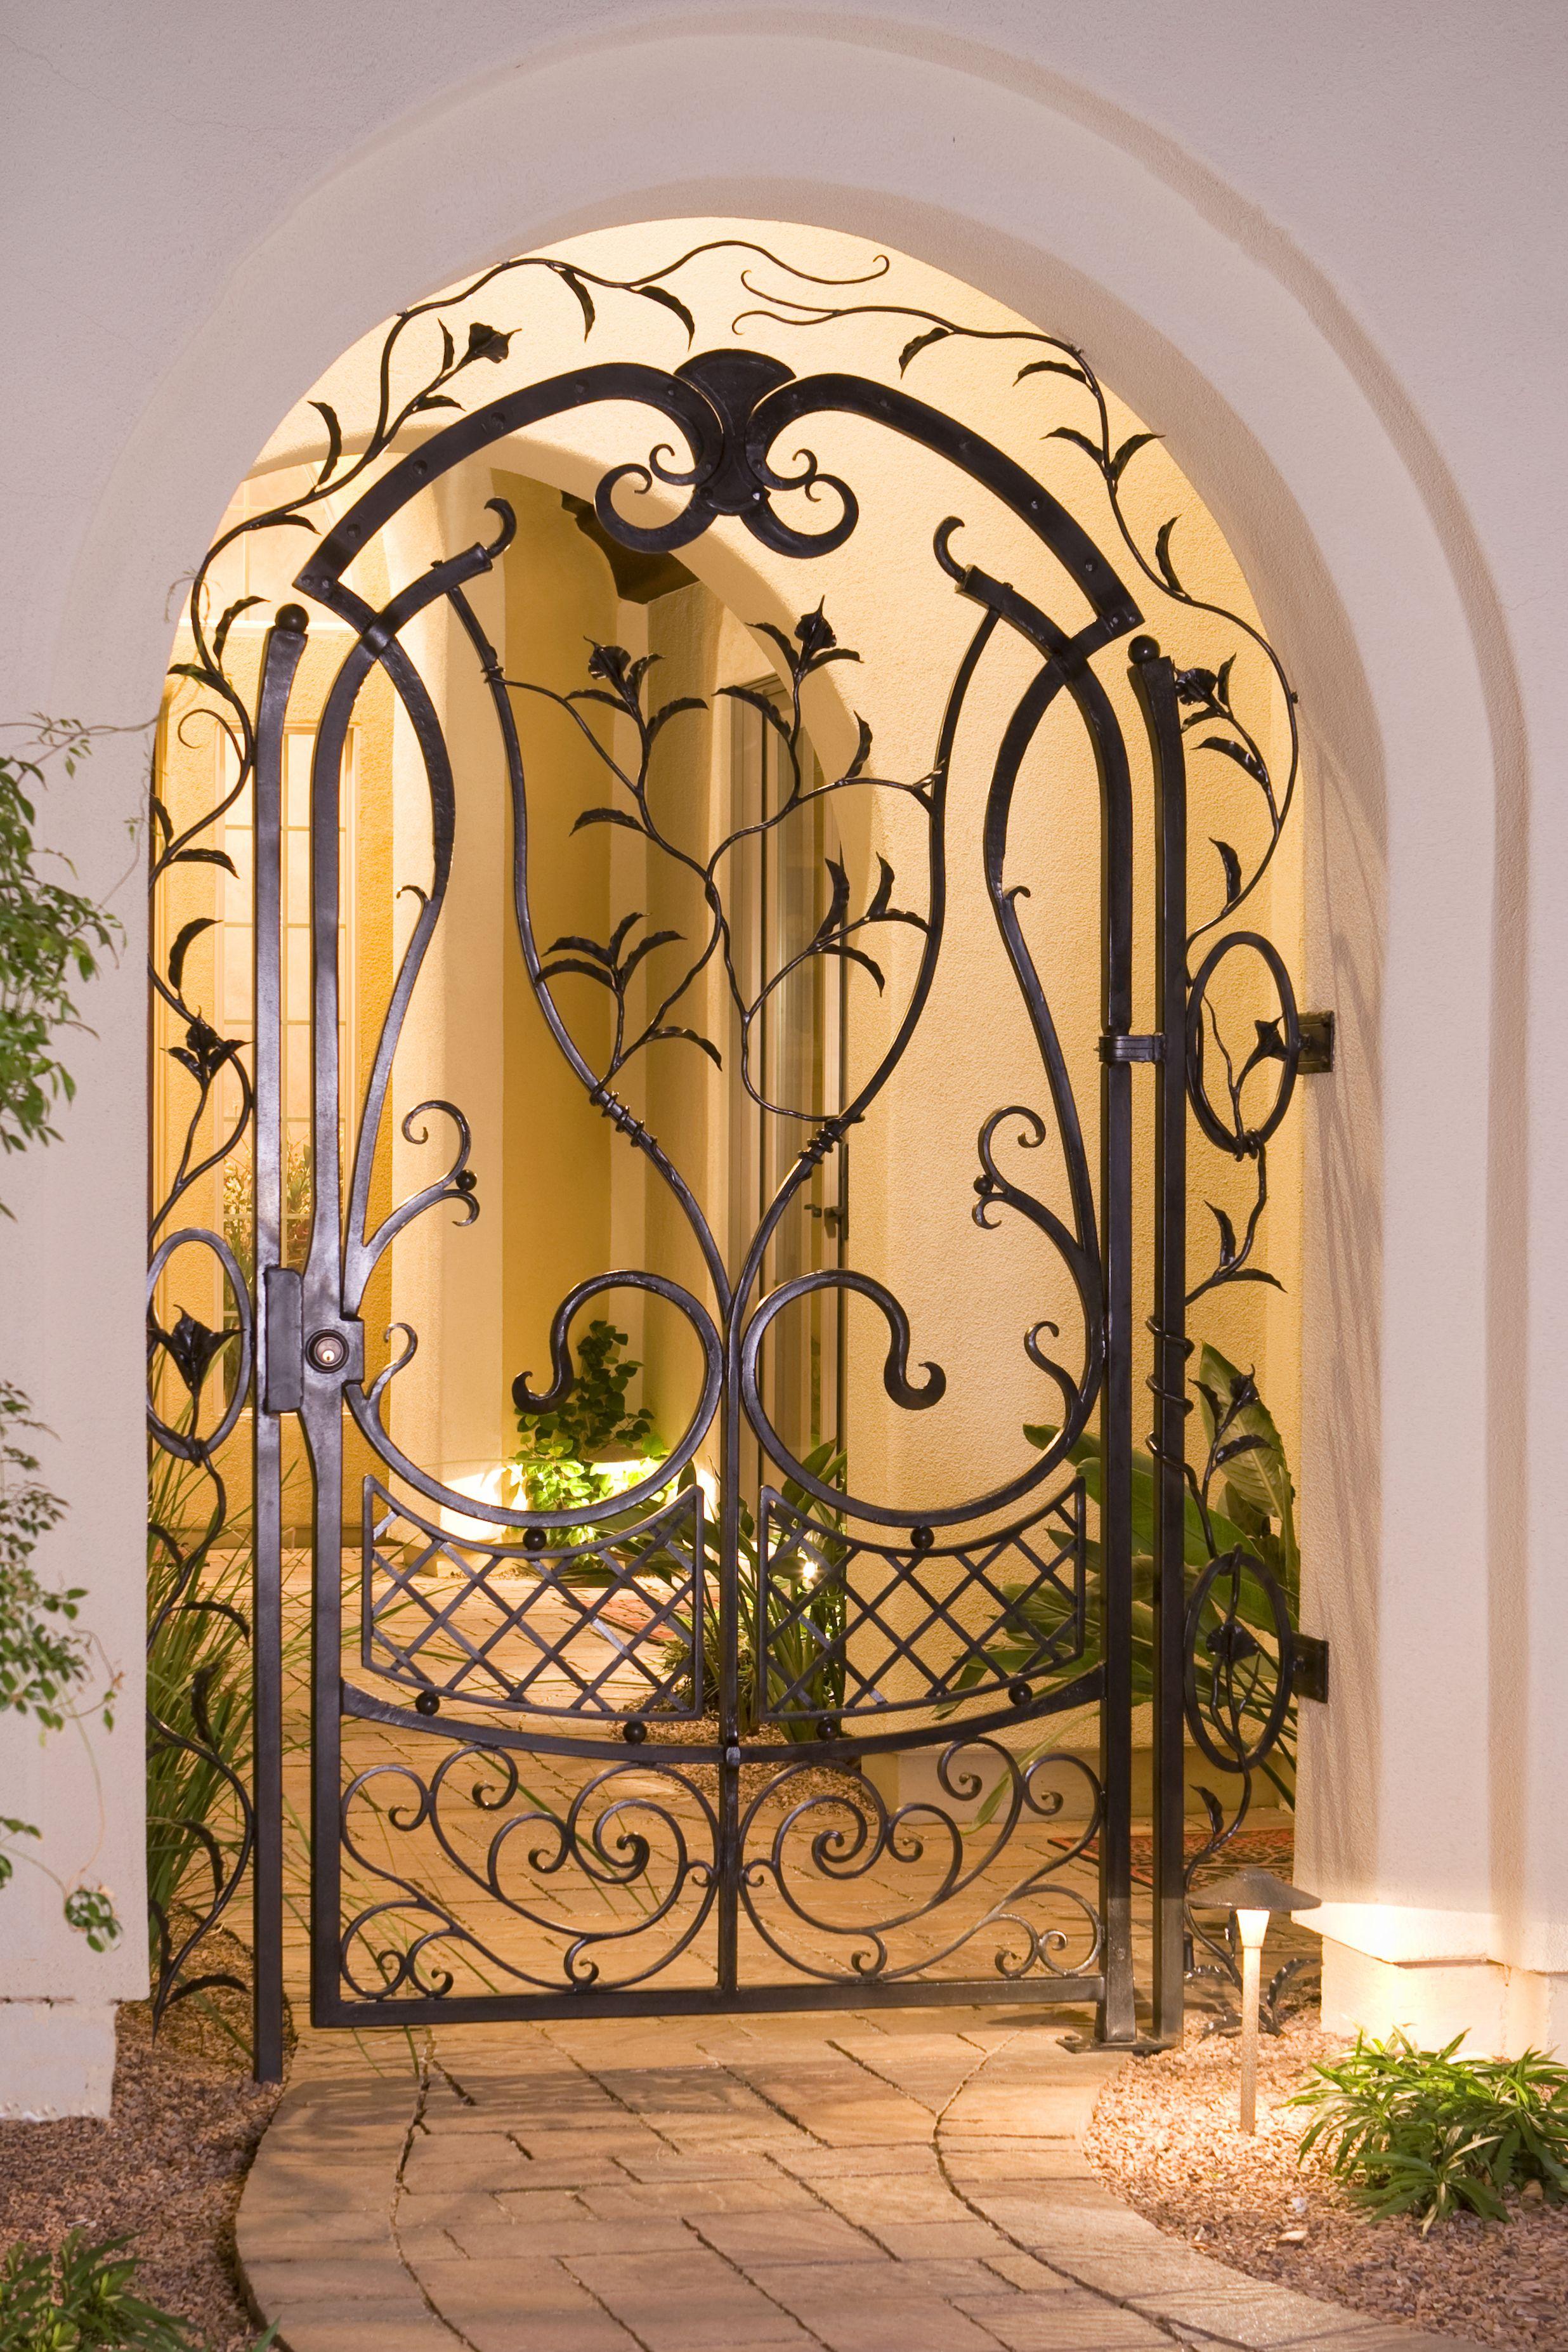 Pingl par joalie sur fenetre porte d 39 entr e et grille de jardin pinterest portes fer - Porte d entree jardin en fer ...